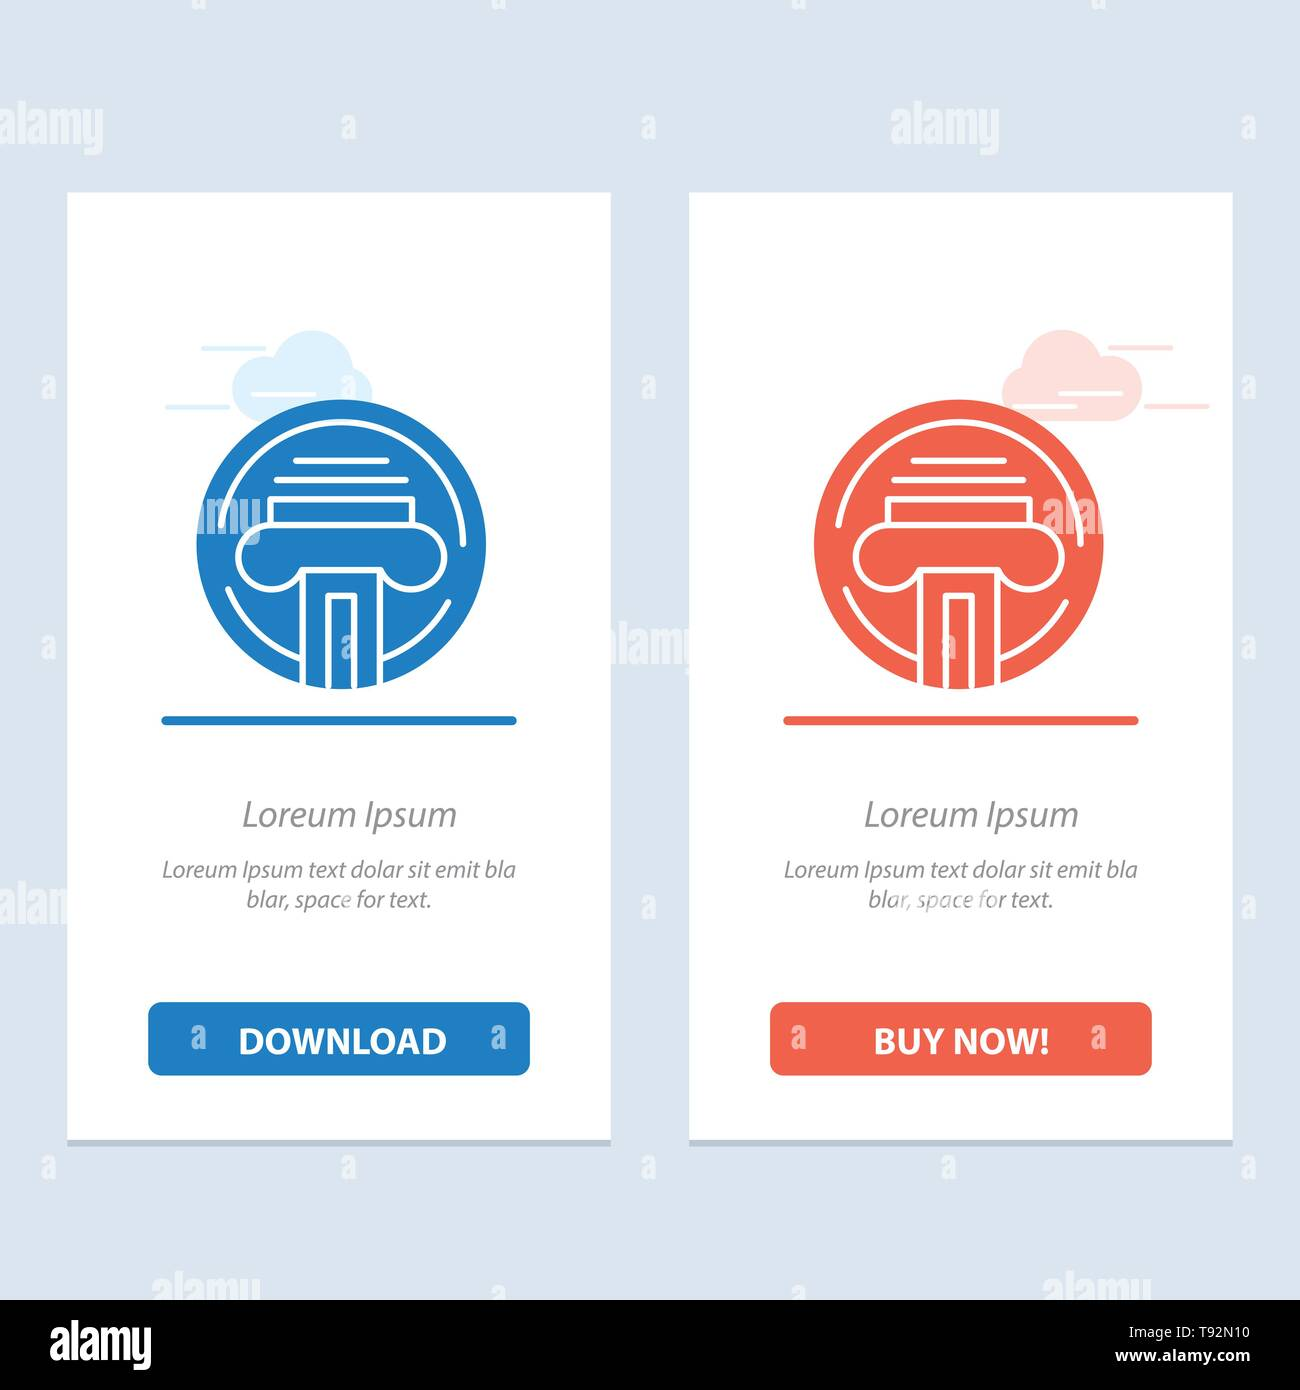 Type d'imprimante, machine à écrire, l'écrivain, le bleu et le rouge Téléchargez et achetez Widget web Modèle de carte Illustration de Vecteur